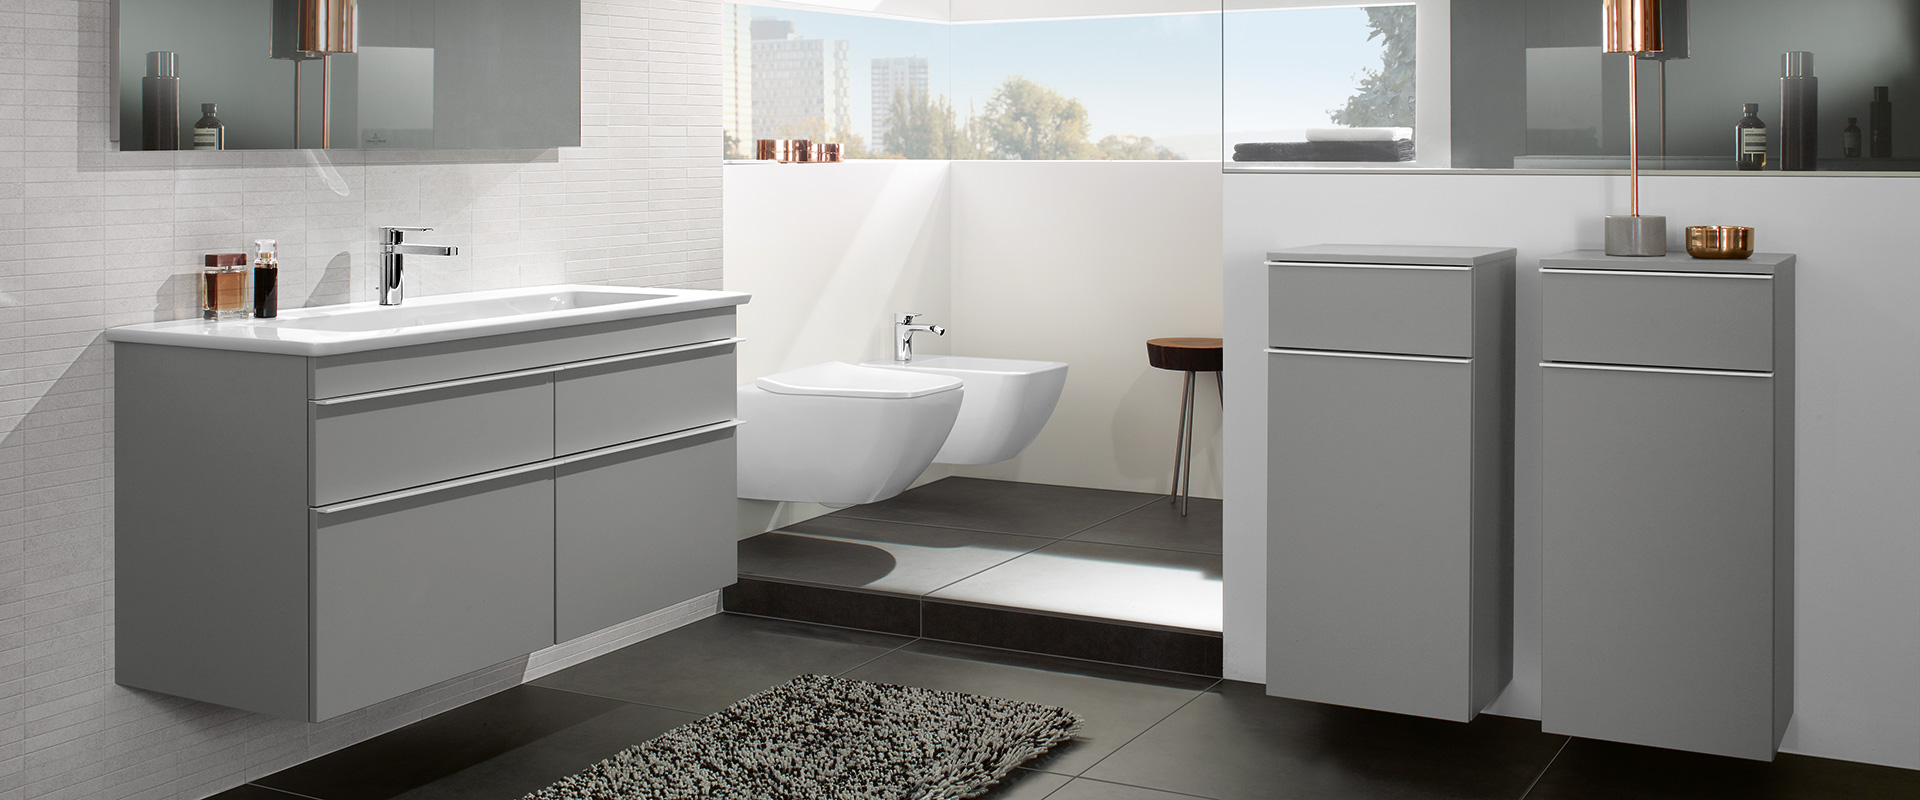 kollektion venticello von villeroy boch design auf. Black Bedroom Furniture Sets. Home Design Ideas